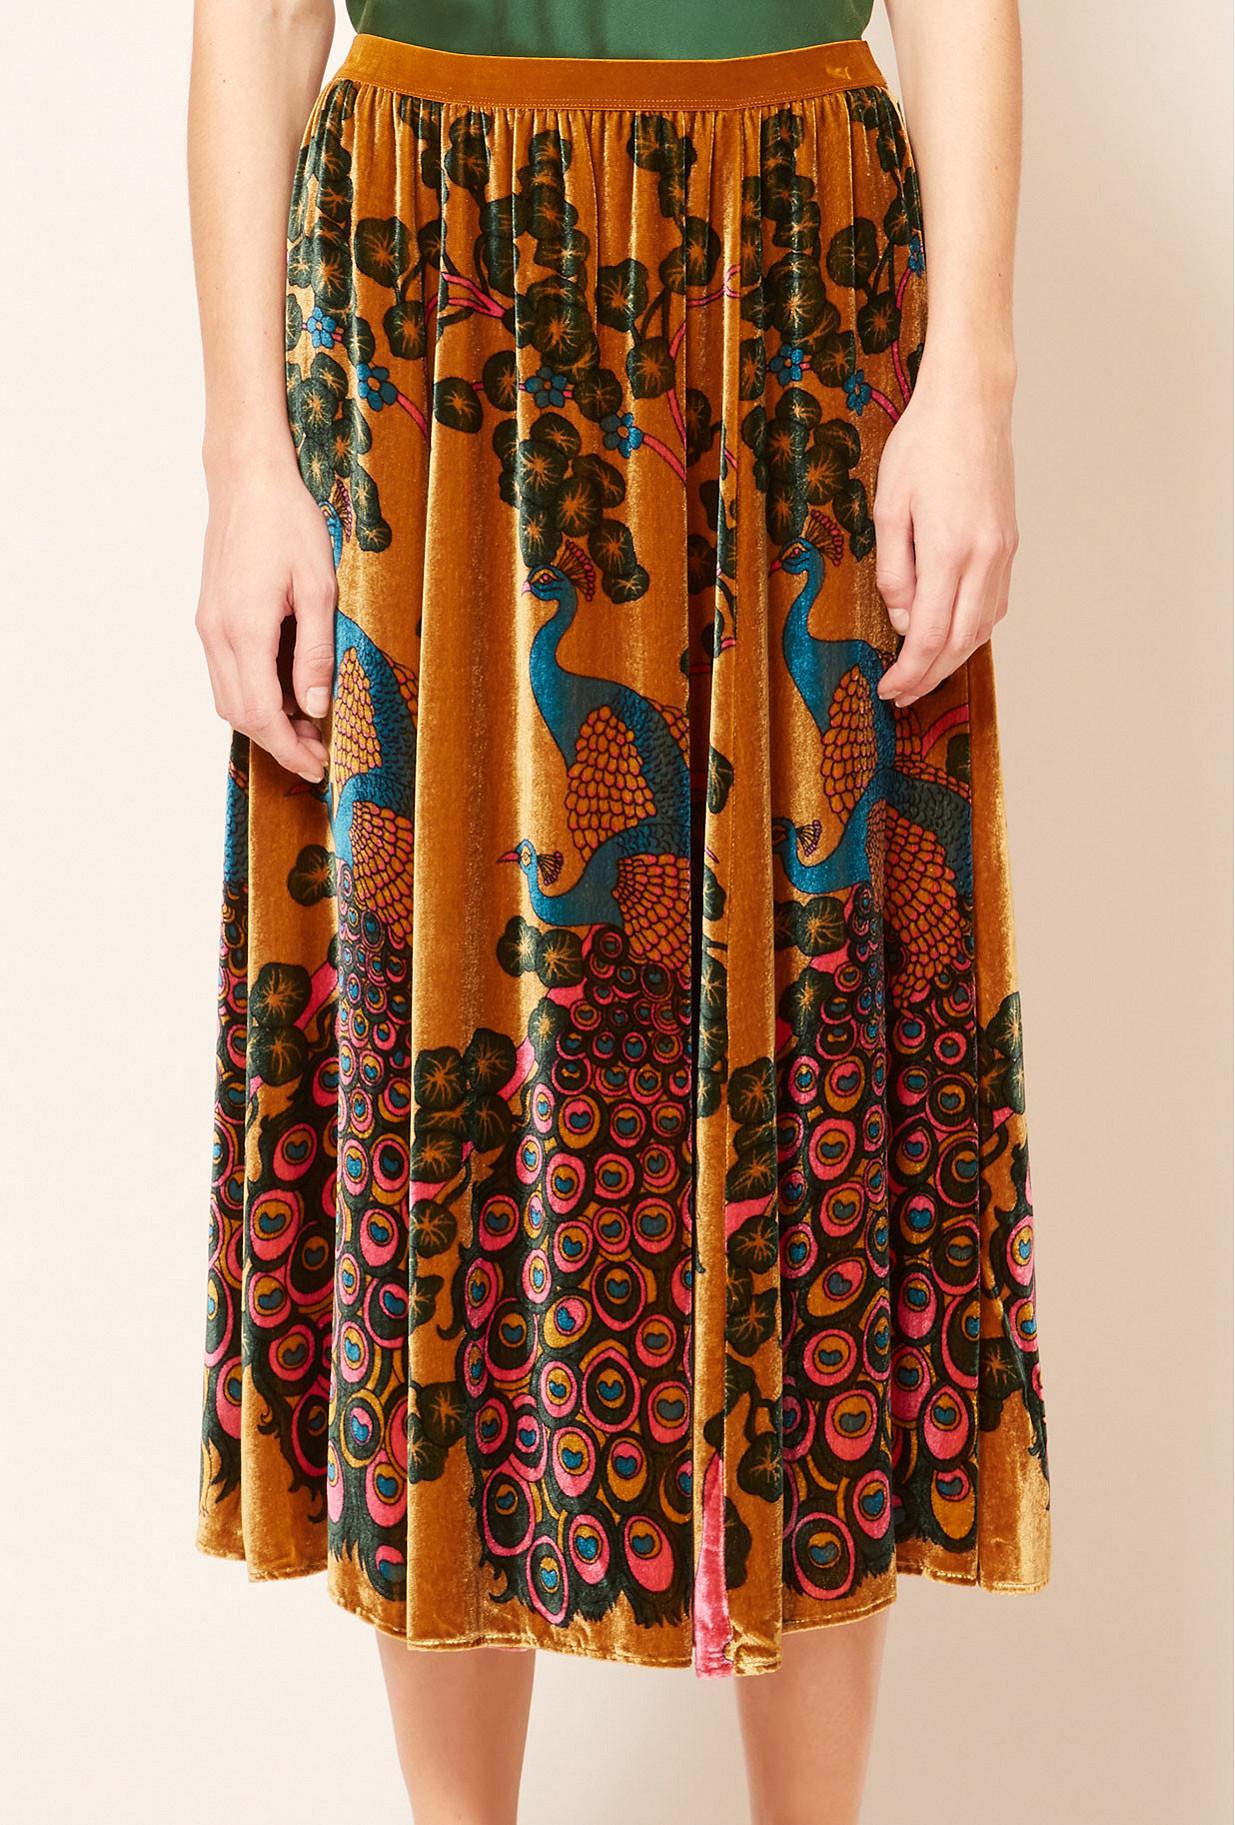 Ocre print  Skirt  Parade Mes demoiselles fashion clothes designer Paris